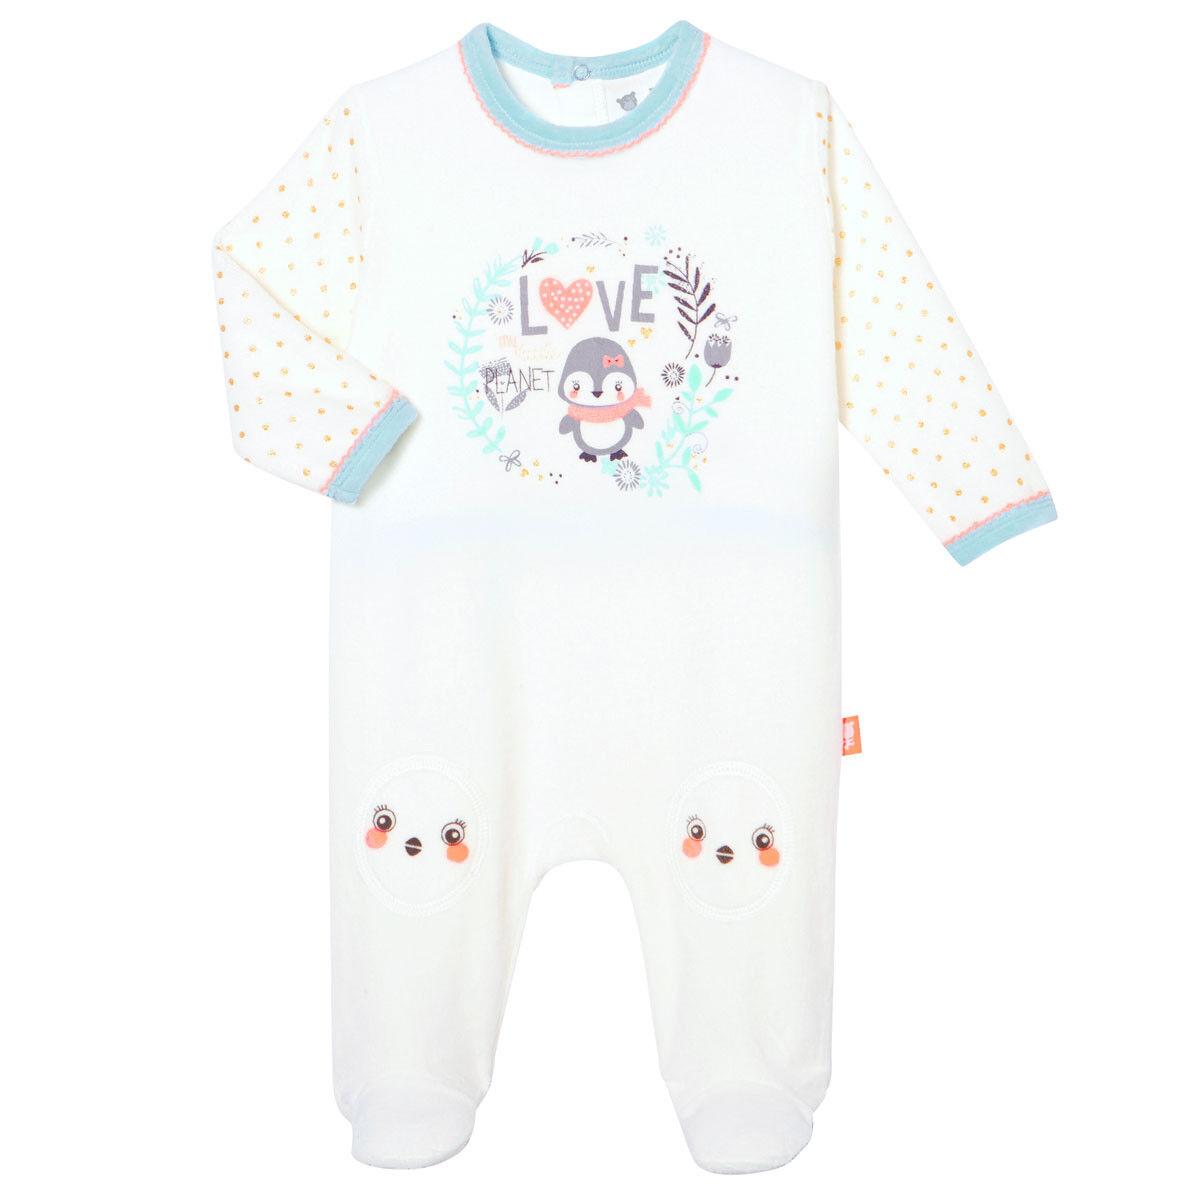 Petit Béguin Pyjama bébé velours Love Planet - Taille - 36 mois